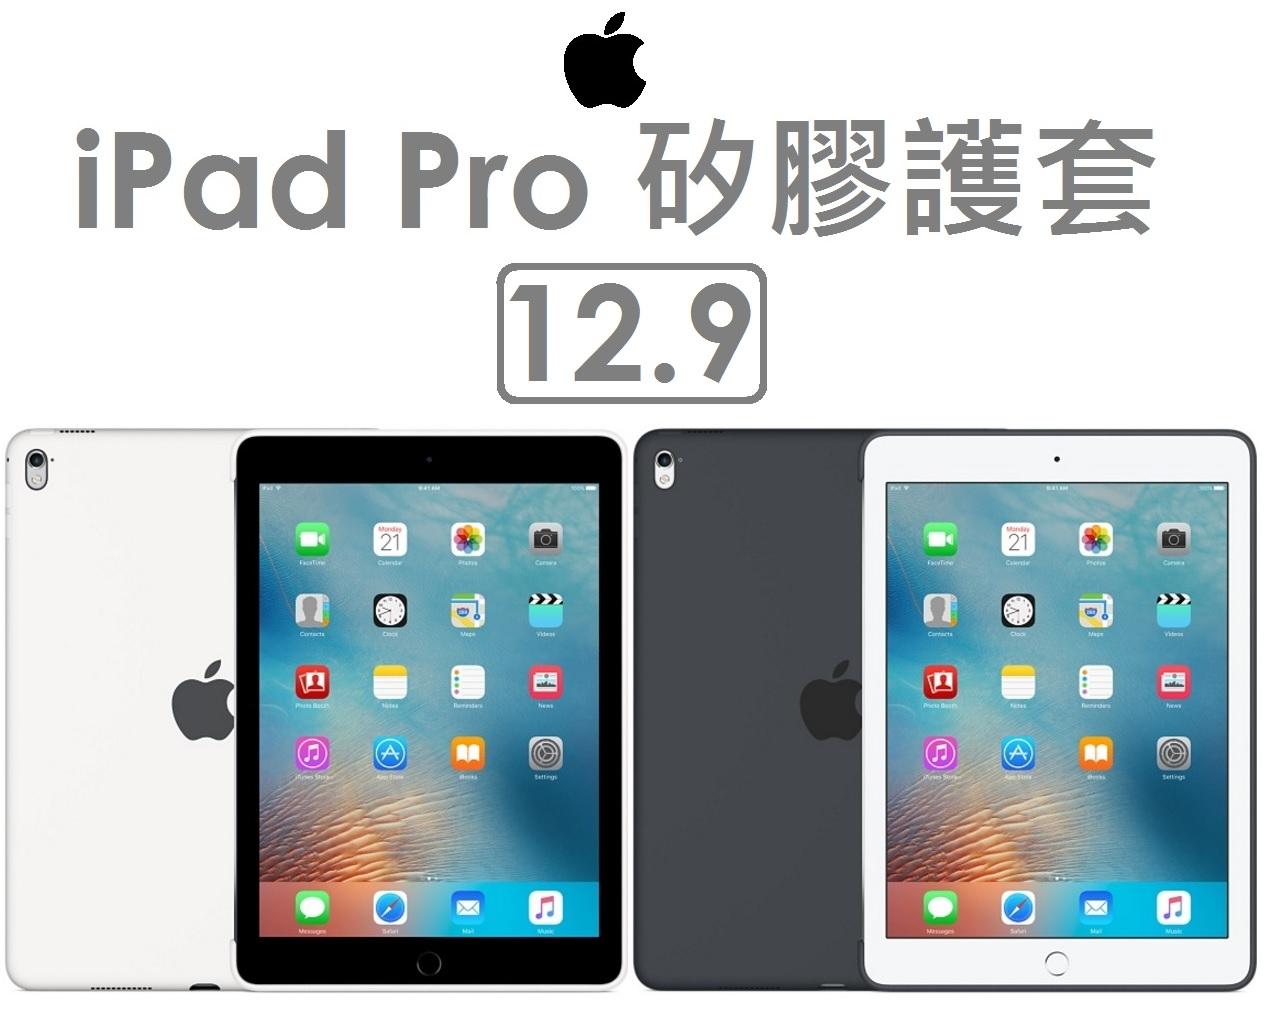 【原廠吊卡盒裝】蘋果 APPLE iPad Pro(12.9)專用矽膠護套 保護套 保護殼 保護蓋 軟殼